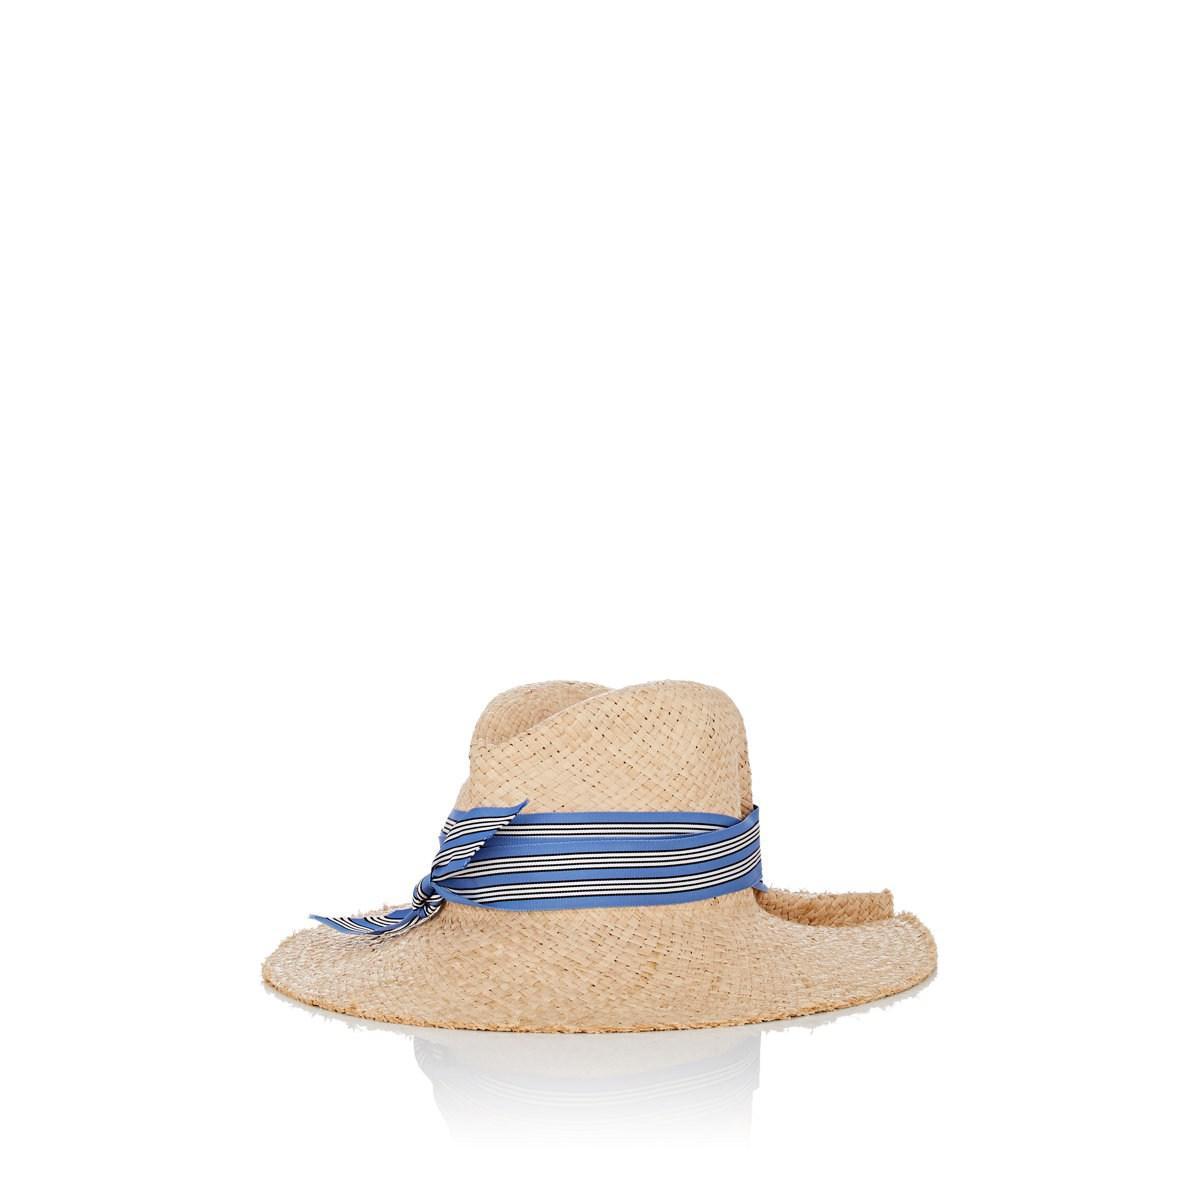 6da82a3988c Lyst - Lola Hats First Aid Raffia Fedora in Blue